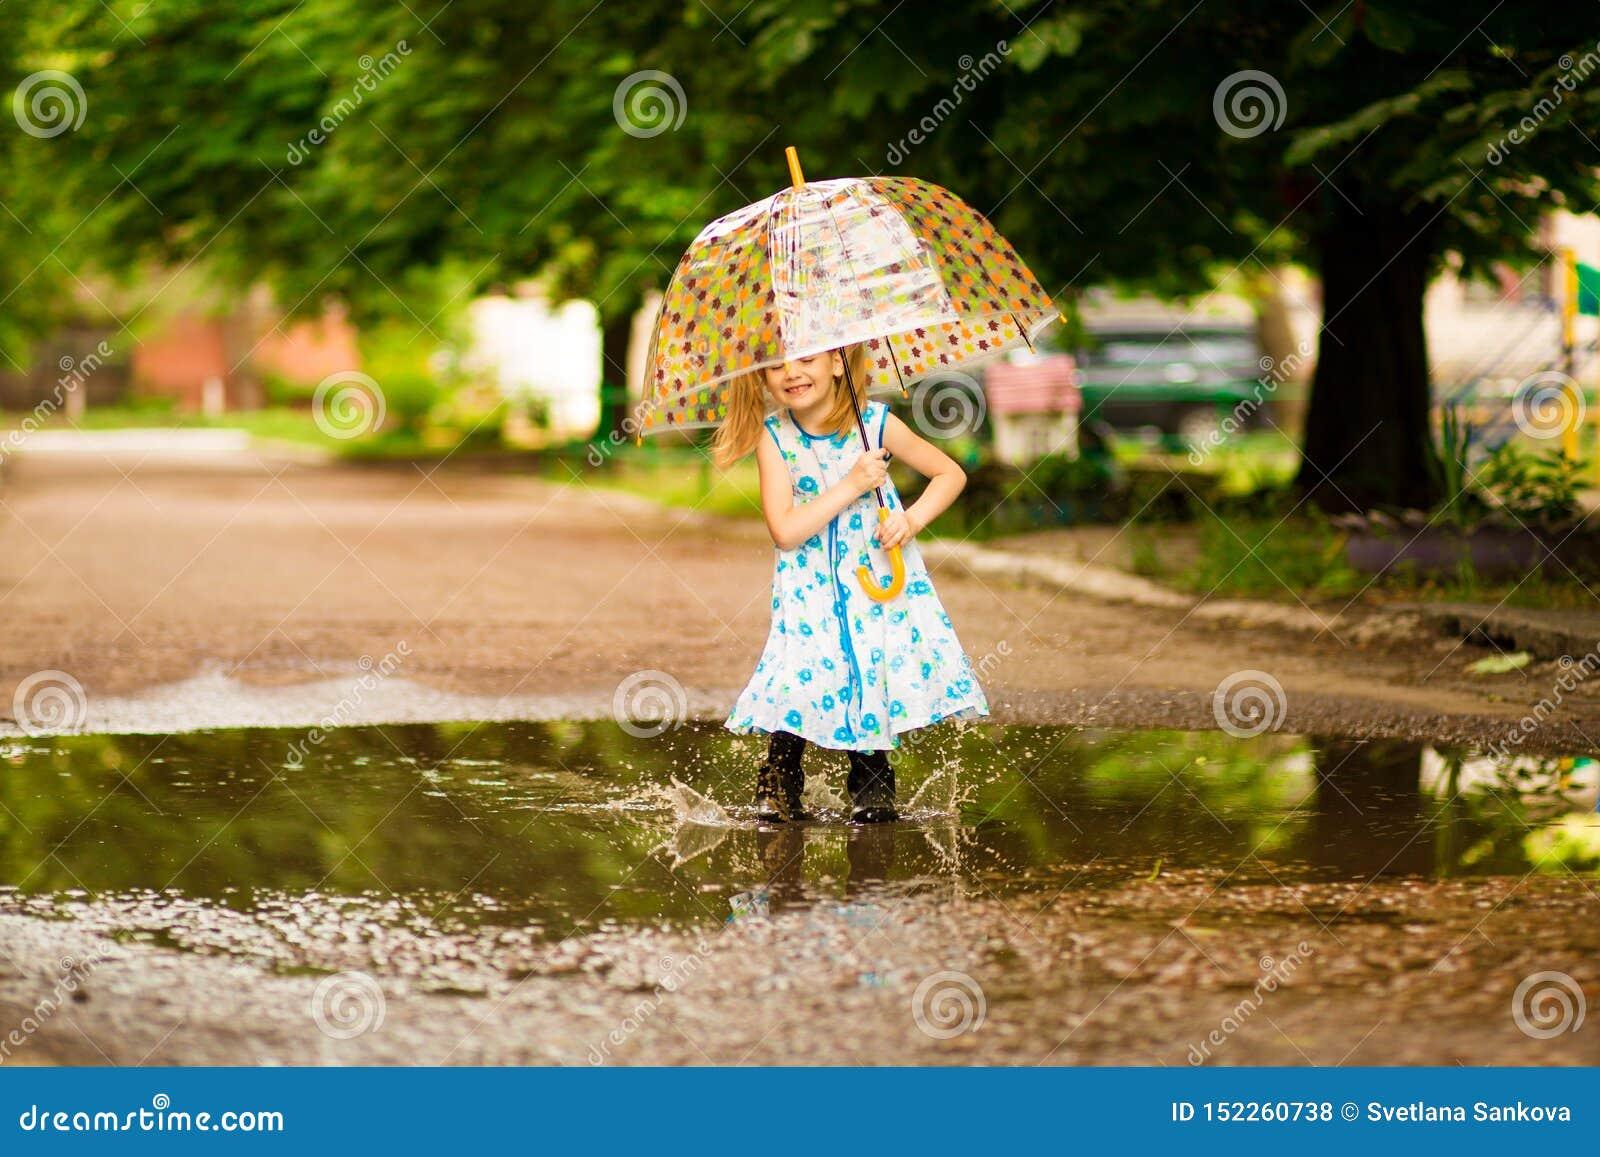 Glückliches lustiges Kindermädchen mit dem Regenschirm, der auf Pfützen in den Gummistiefeln und im Kleid und im Lachen springt